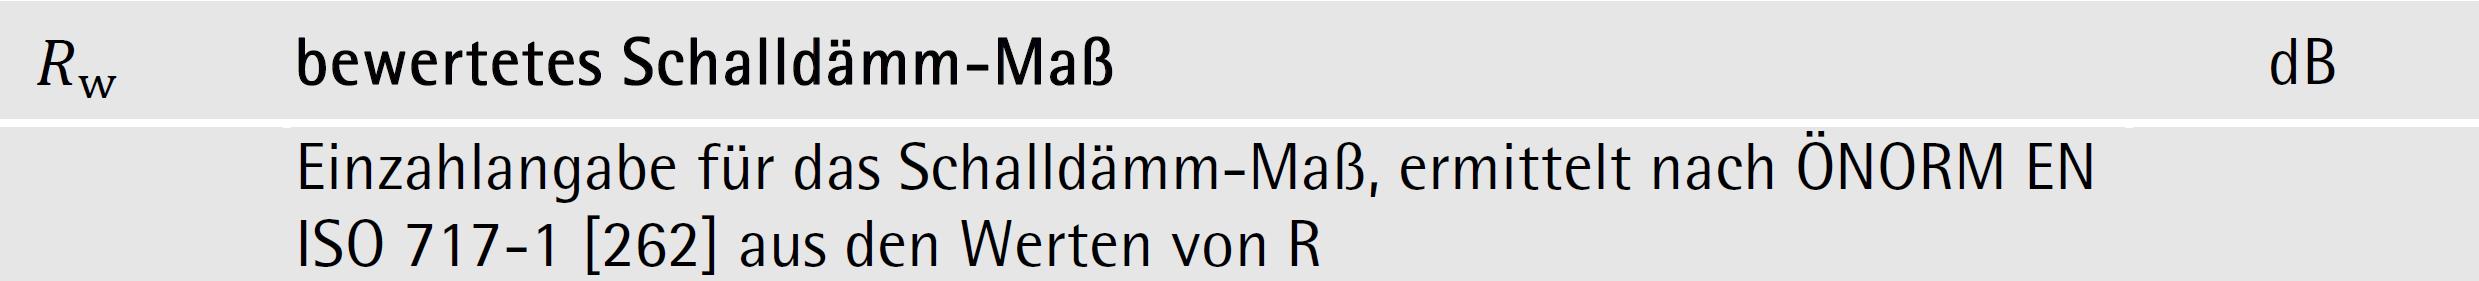 Beschreibung bewertetes Schalldämm-Maß